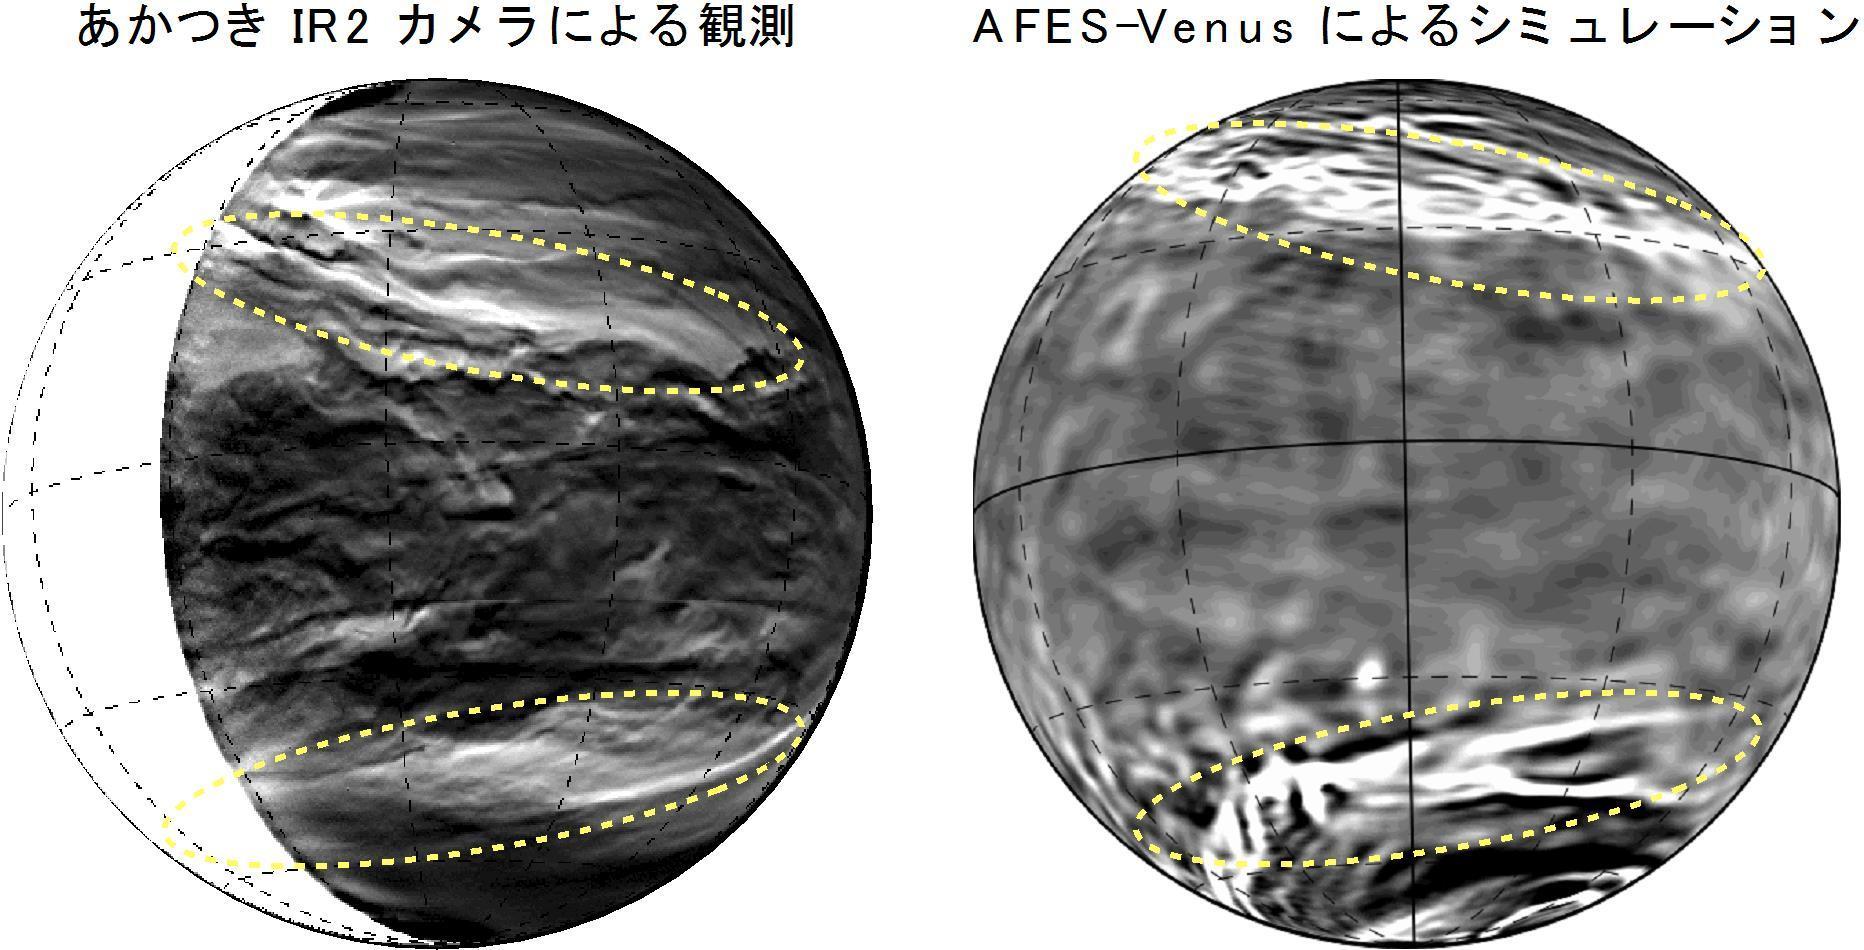 金星探査機「あかつき」が金星の雲の中に巨大な筋状構造を発見 数値シミュレーションによる再現・メカニズム解明にも成功 -- 京都産業大学